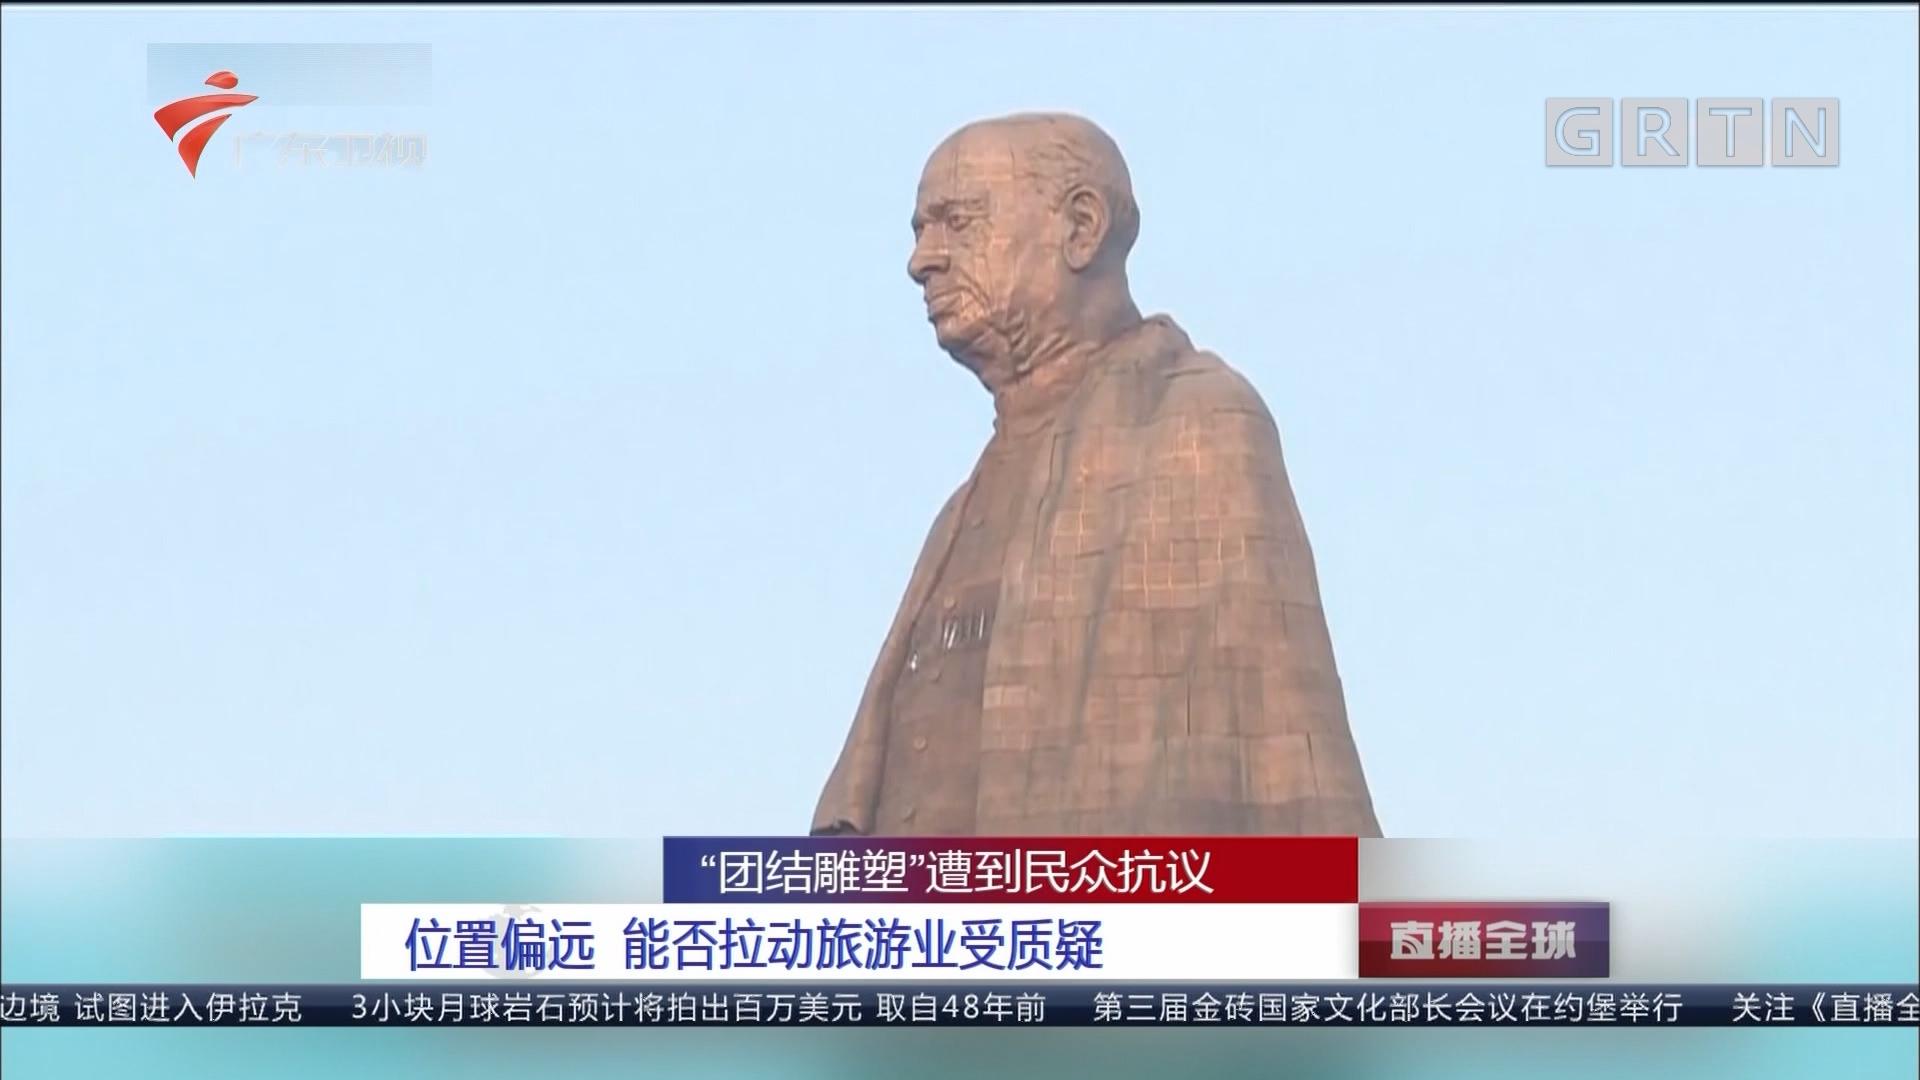 """""""团结雕塑""""遭到民众抗议:位置偏远 能否拉动旅游业受质疑"""